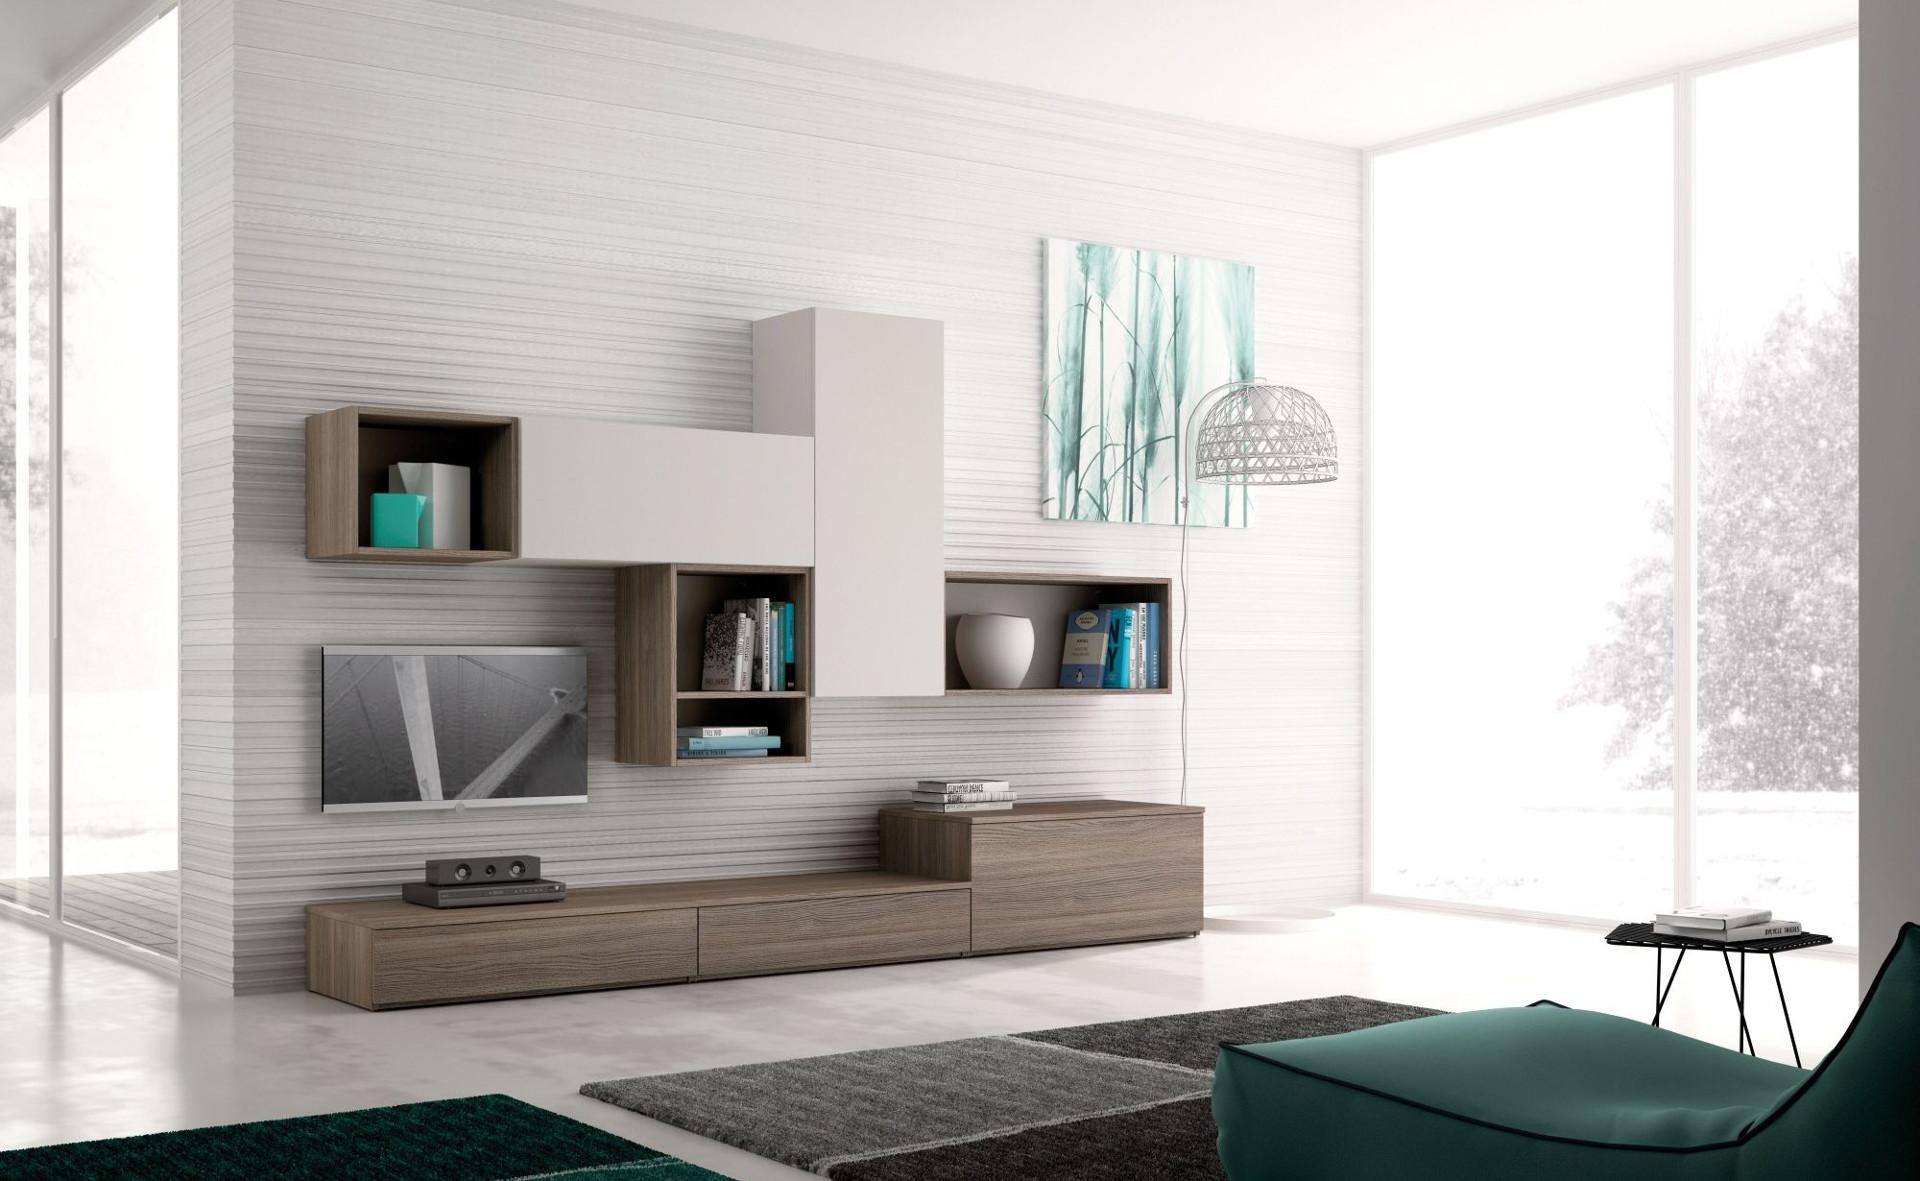 Soggiorni stile country for Salotti mobili moderni